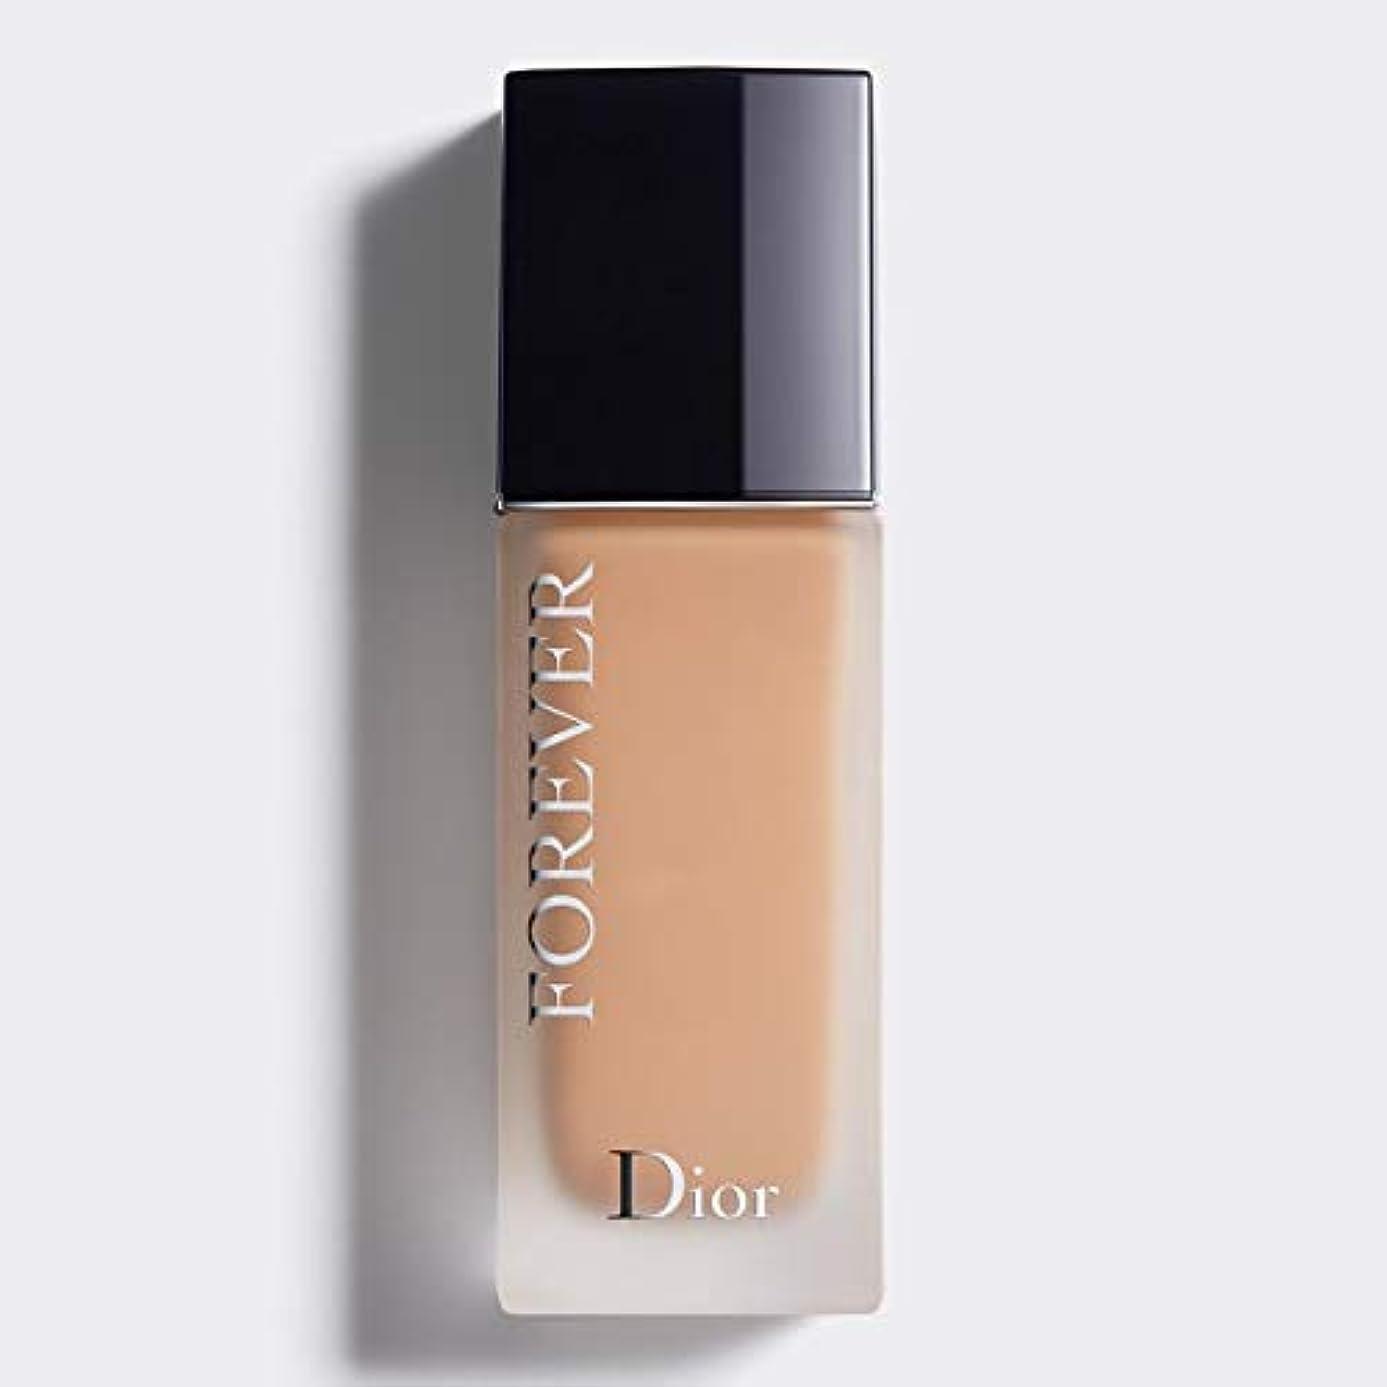 雄弁育成ましいクリスチャンディオール Dior Forever 24H Wear High Perfection Foundation SPF 35 - # 3.5N (Neutral) 30ml/1oz並行輸入品